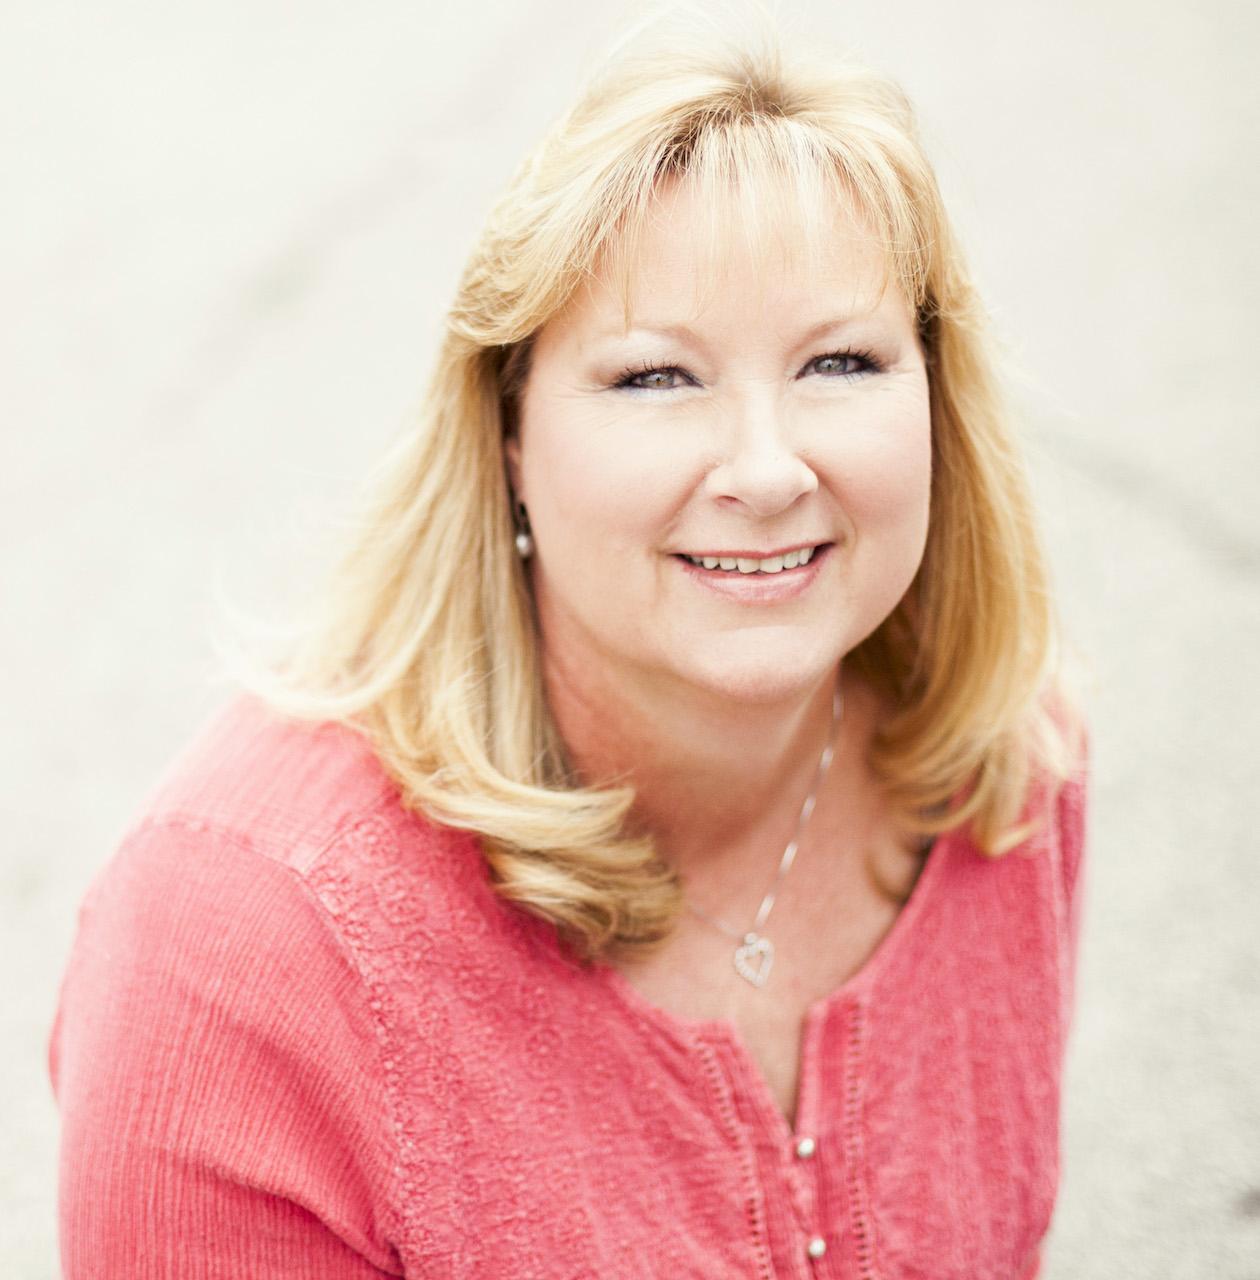 LeeAnn Dasher